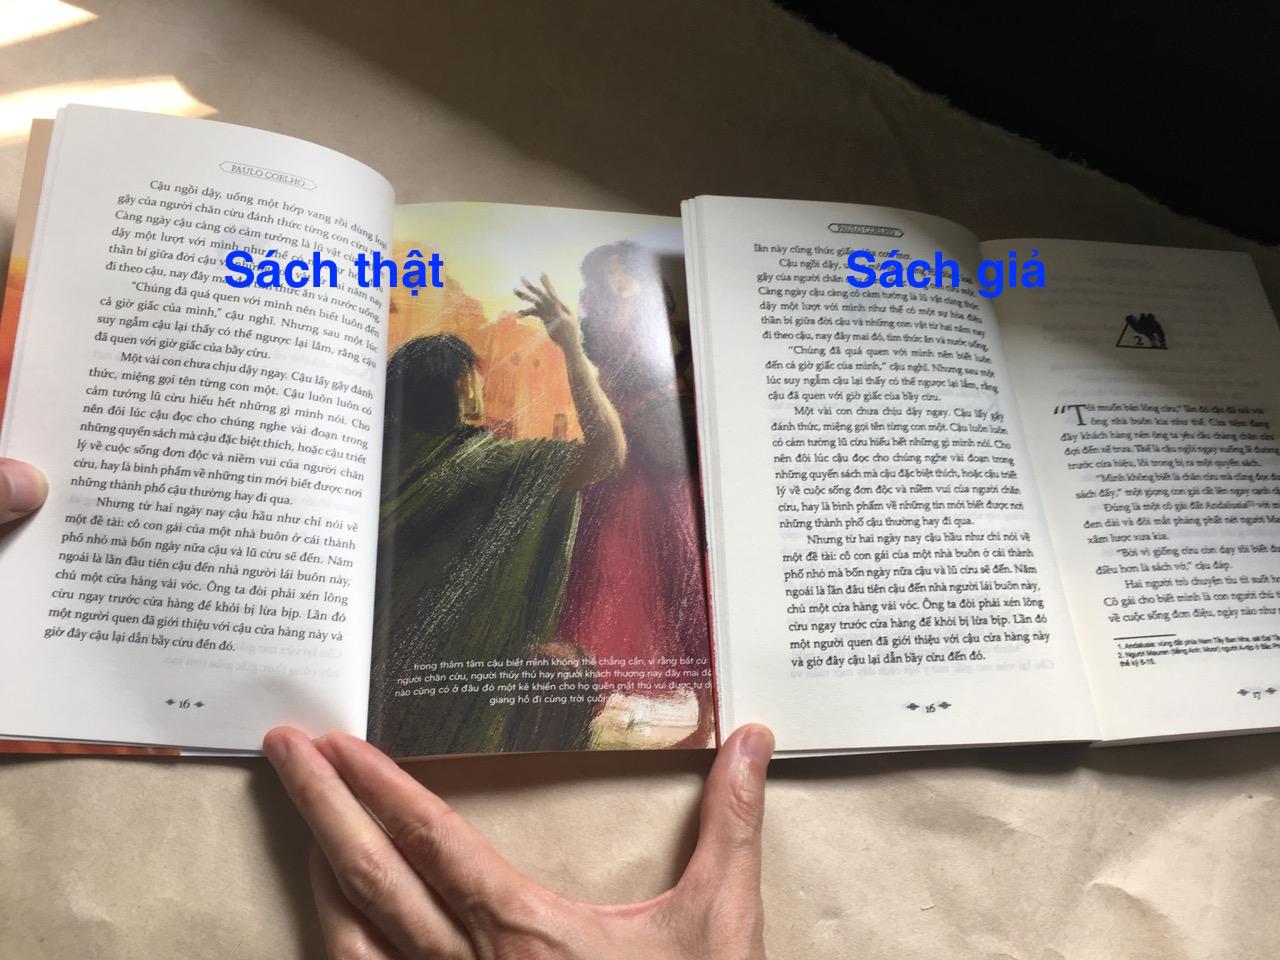 Cách phân biệt sách thật giả, sách giả, phân biệt sách giả, tem chống giả sách,